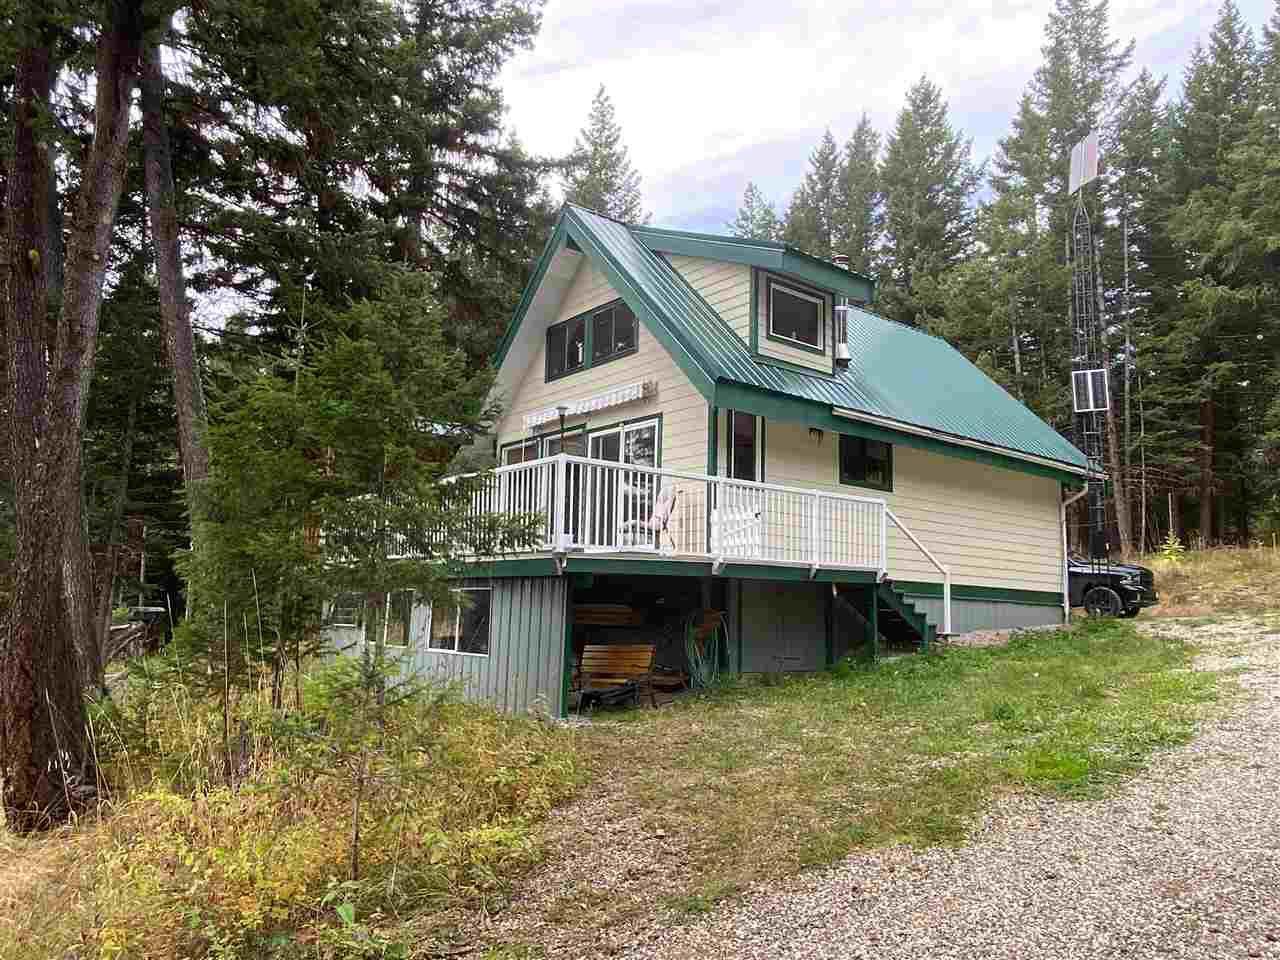 Main Photo: 2677 ROSE Drive in Williams Lake: Williams Lake - Rural East House for sale (Williams Lake (Zone 27))  : MLS®# R2487890